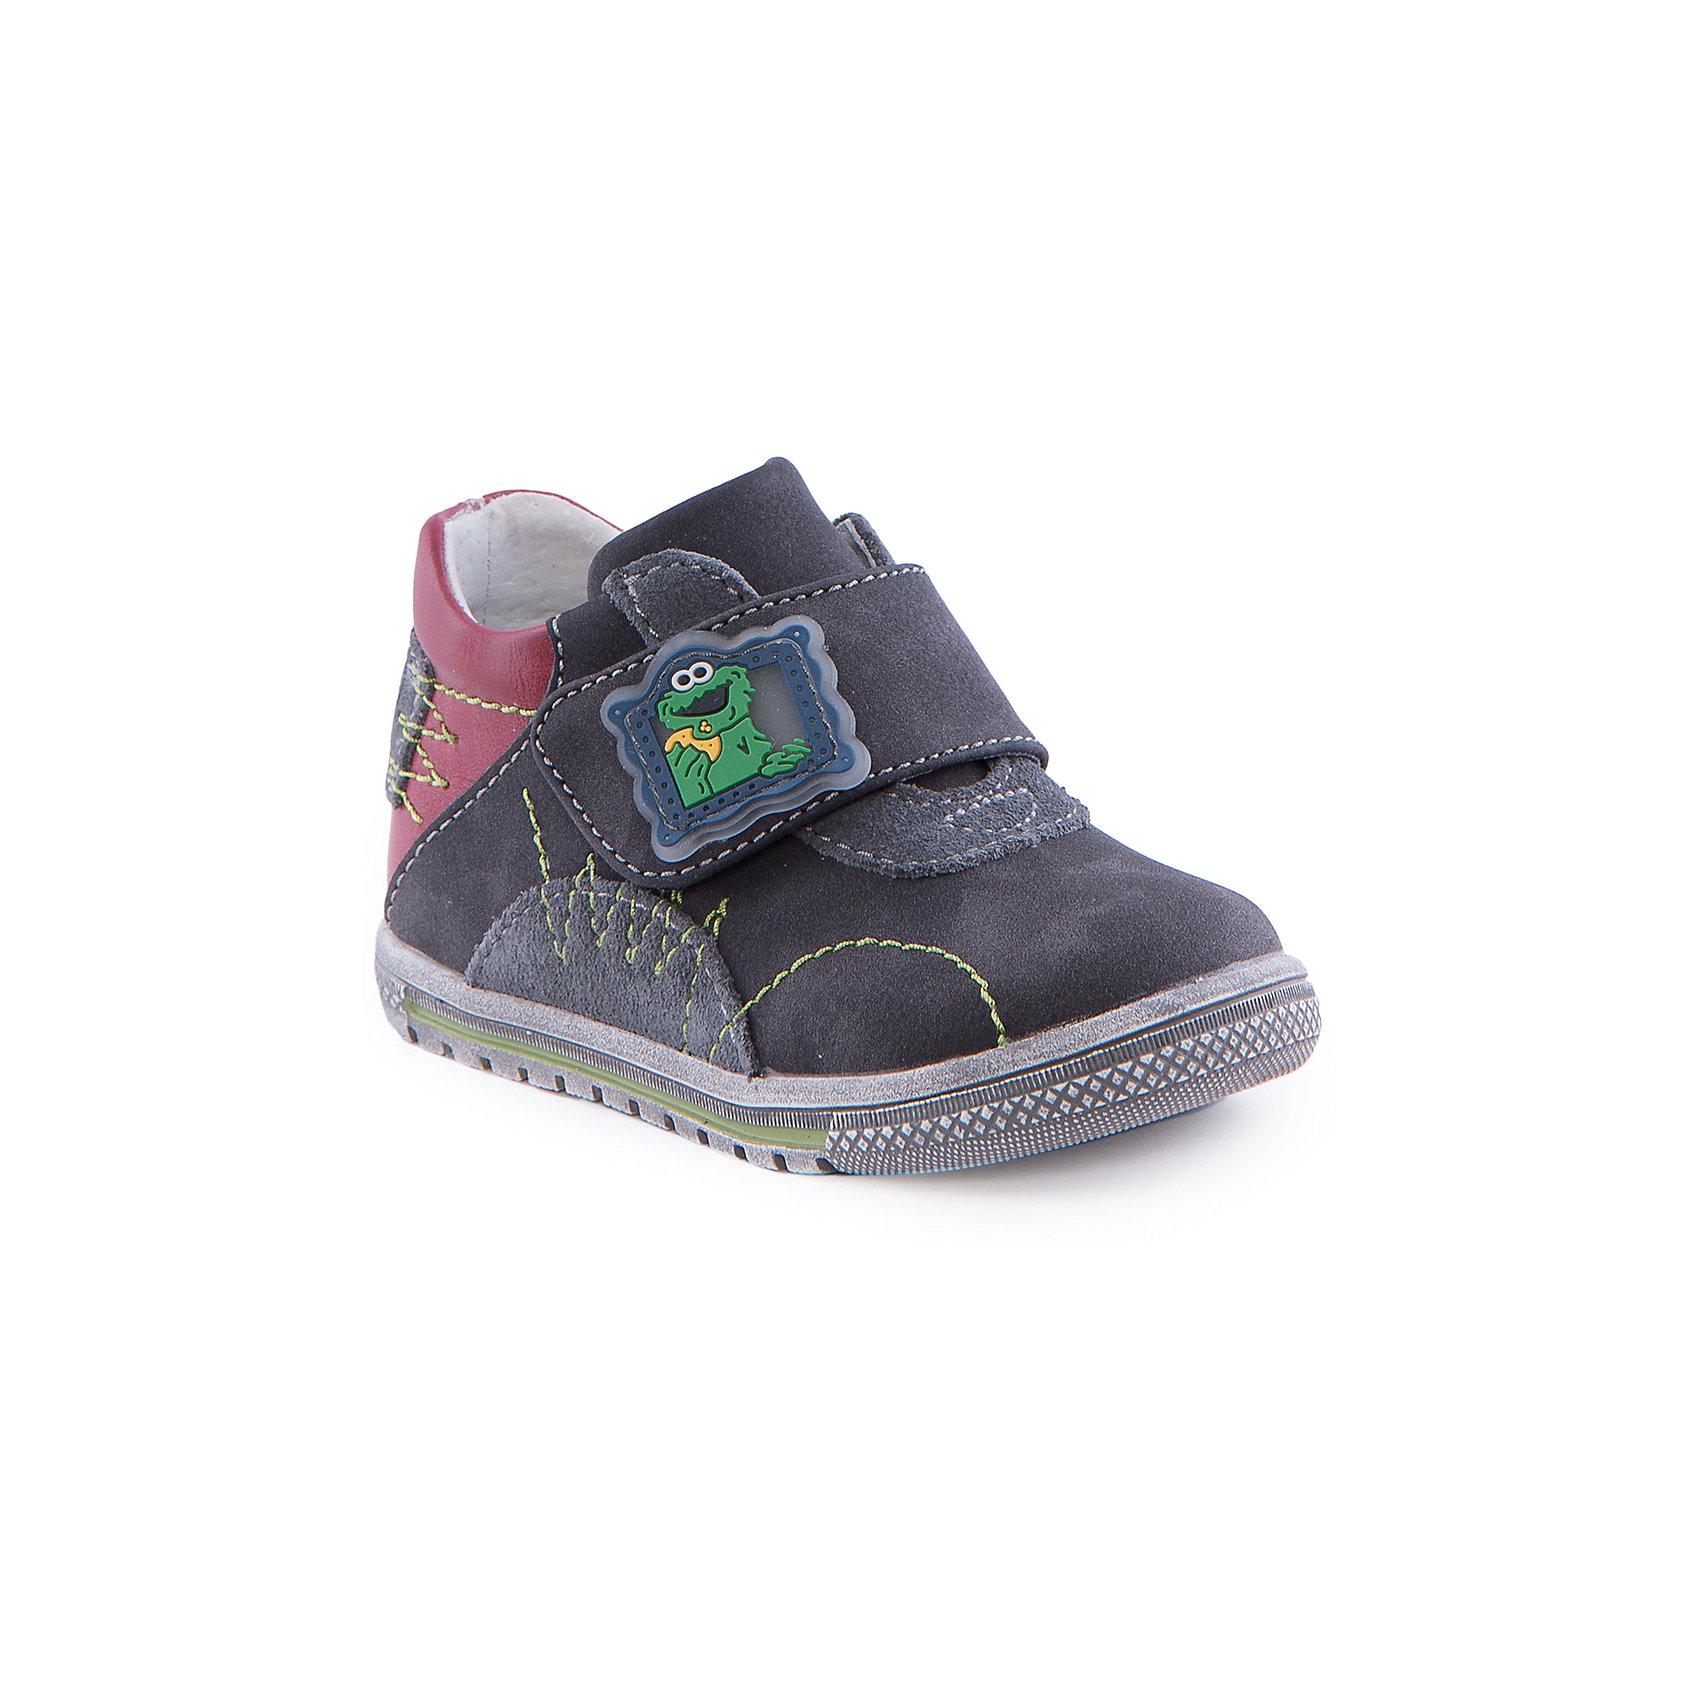 Ботинки для мальчика Indigo kidsОбувь для малышей<br>Ботинки для мальчика от известного бренда Indigo kids<br><br>Удобные ботинки отличаются оригинальной яркой отделкой. Они легко надеваются благодаря липучкам и комфортно садятся по ноге. <br><br>Особенности модели:<br><br>- цвет - серый, бордовый;<br>- стильный дизайн;<br>- удобная колодка;<br>- натуральная кожаная подкладка;<br>- декорированы аппликацией;<br>- качественная контрастная прошивка;<br>- устойчивая подошва;<br>- застежки: липучки.<br><br>Дополнительная информация:<br><br>Состав:<br><br>верх – искусственная кожа;<br>подкладка - натуральная кожа;<br>подошва - ТЭП.<br><br>Ботинки для мальчика Indigo kids (Индиго Кидс) можно купить в нашем магазине.<br><br>Ширина мм: 262<br>Глубина мм: 176<br>Высота мм: 97<br>Вес г: 427<br>Цвет: серый<br>Возраст от месяцев: 15<br>Возраст до месяцев: 18<br>Пол: Мужской<br>Возраст: Детский<br>Размер: 25,22,21,23,20,24<br>SKU: 4520111